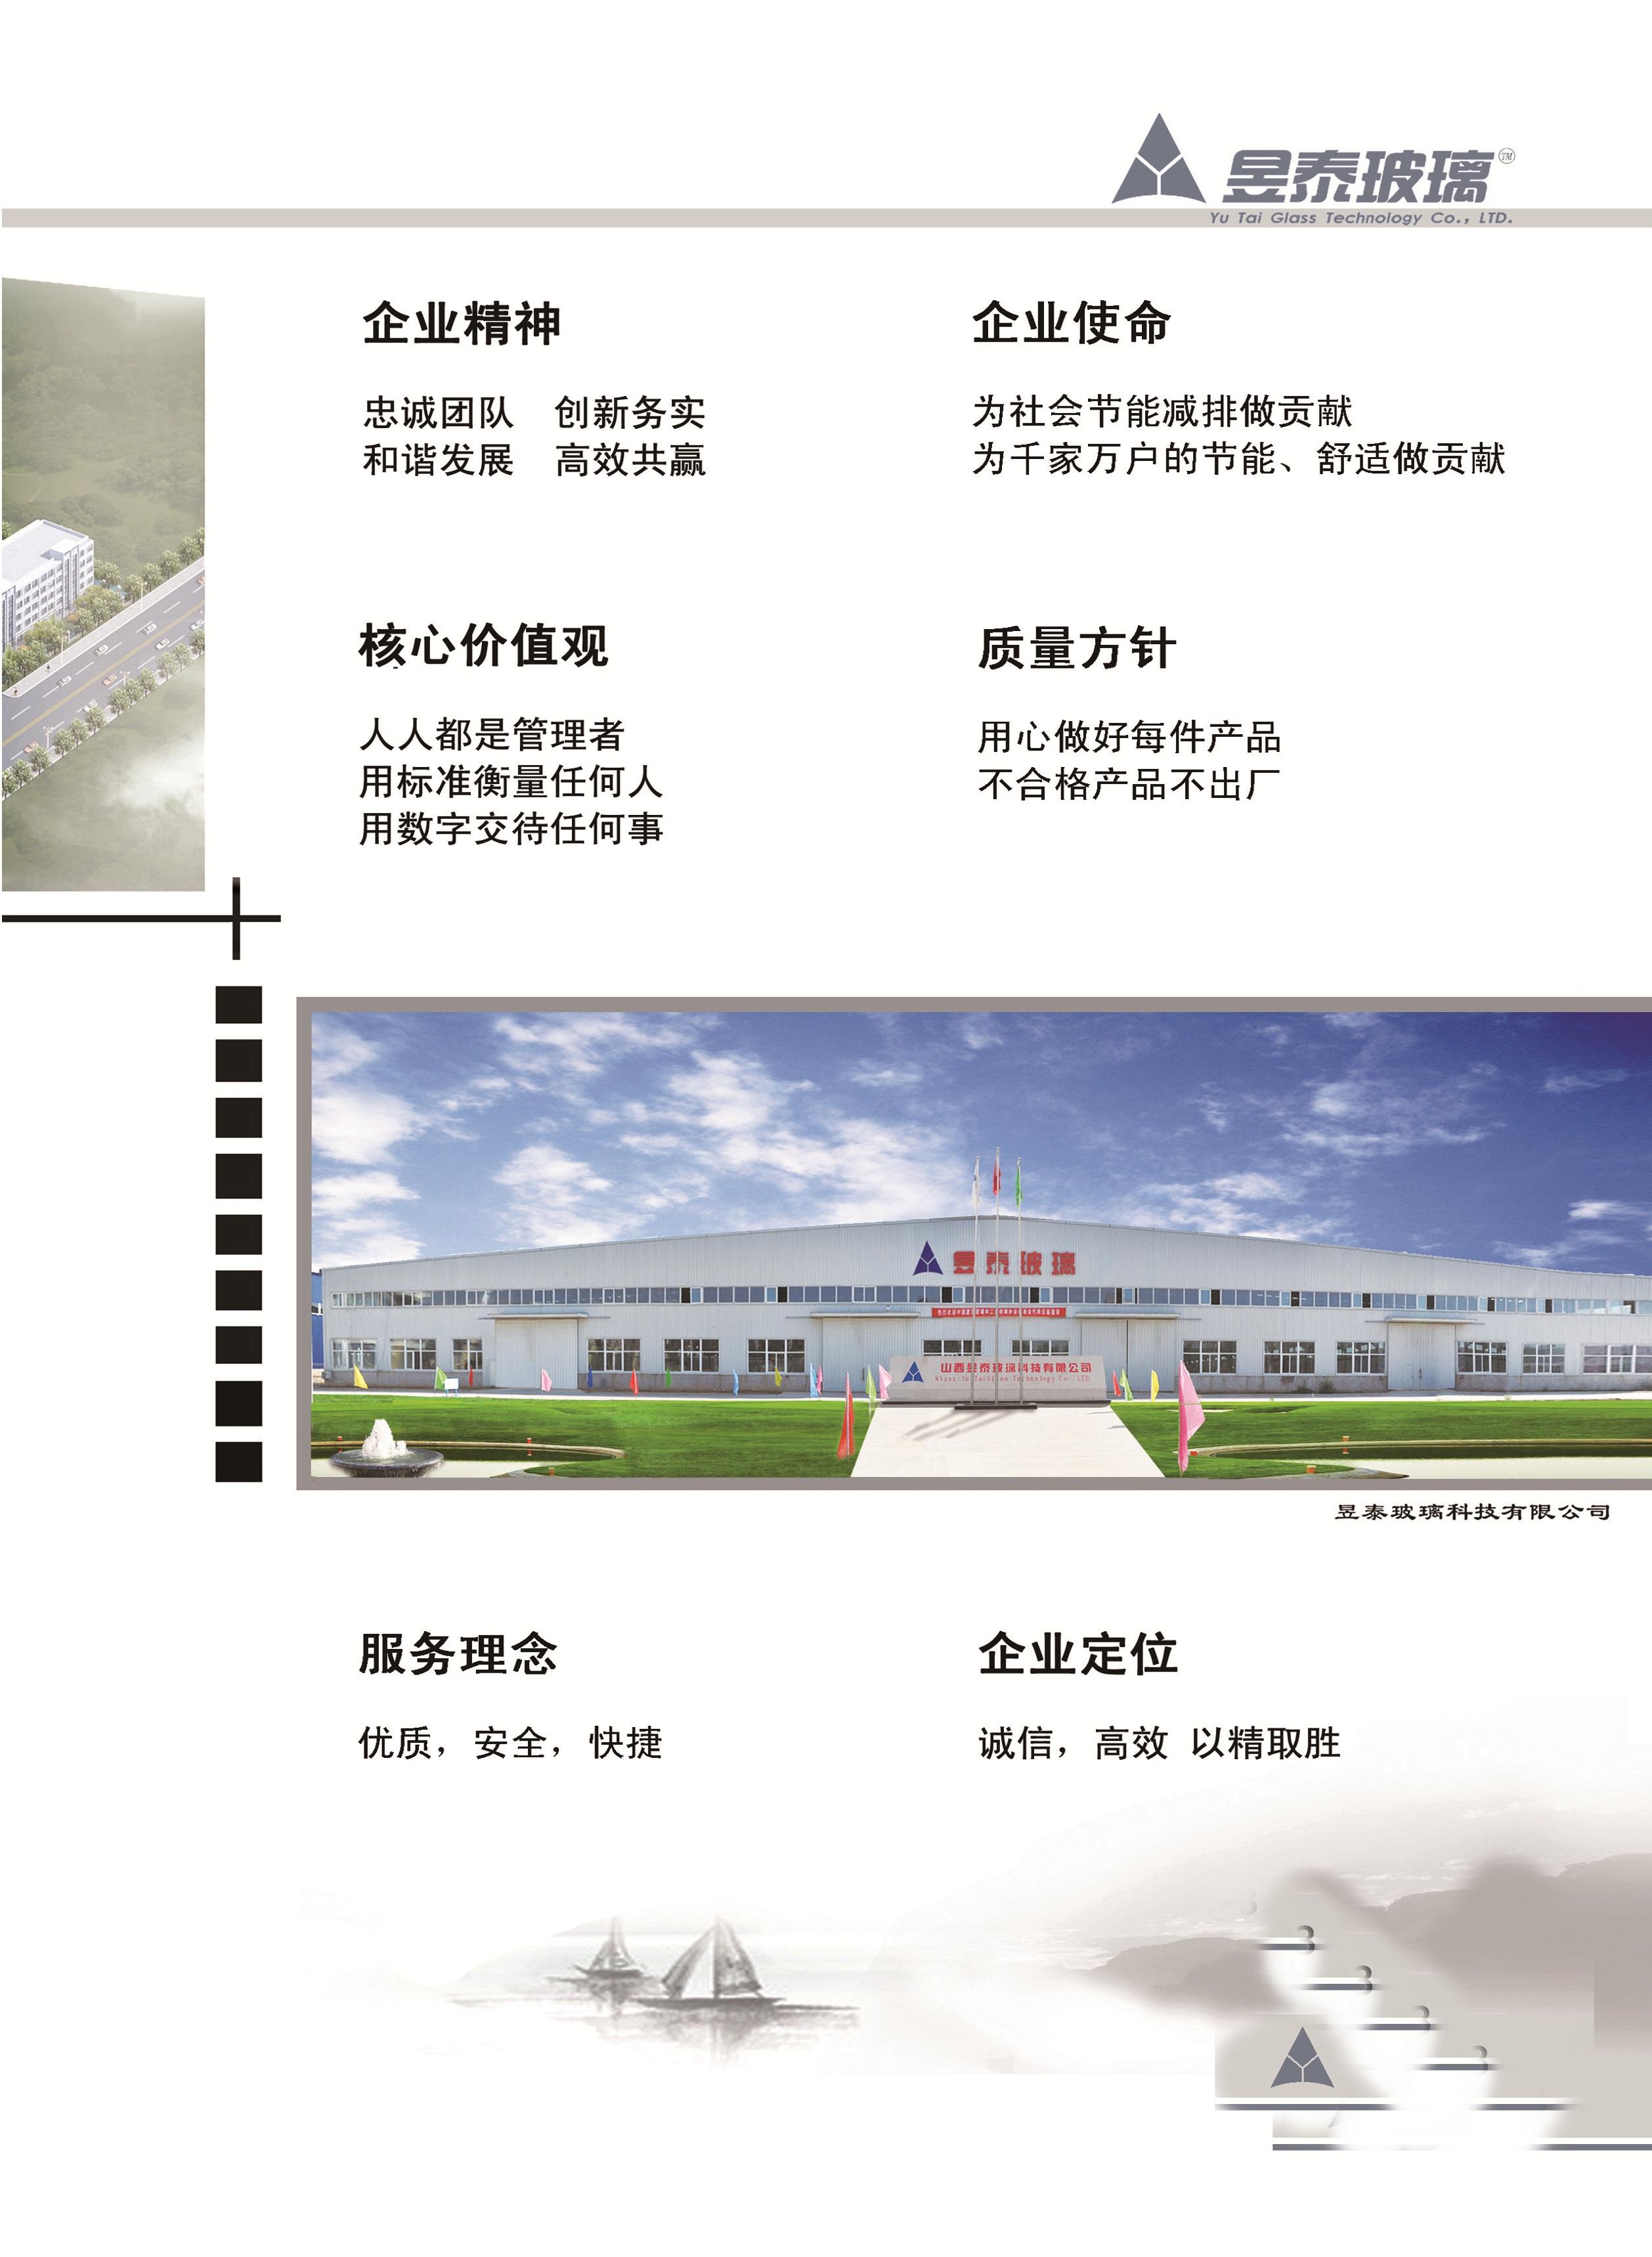 山西昱泰玻璃科技有限公司